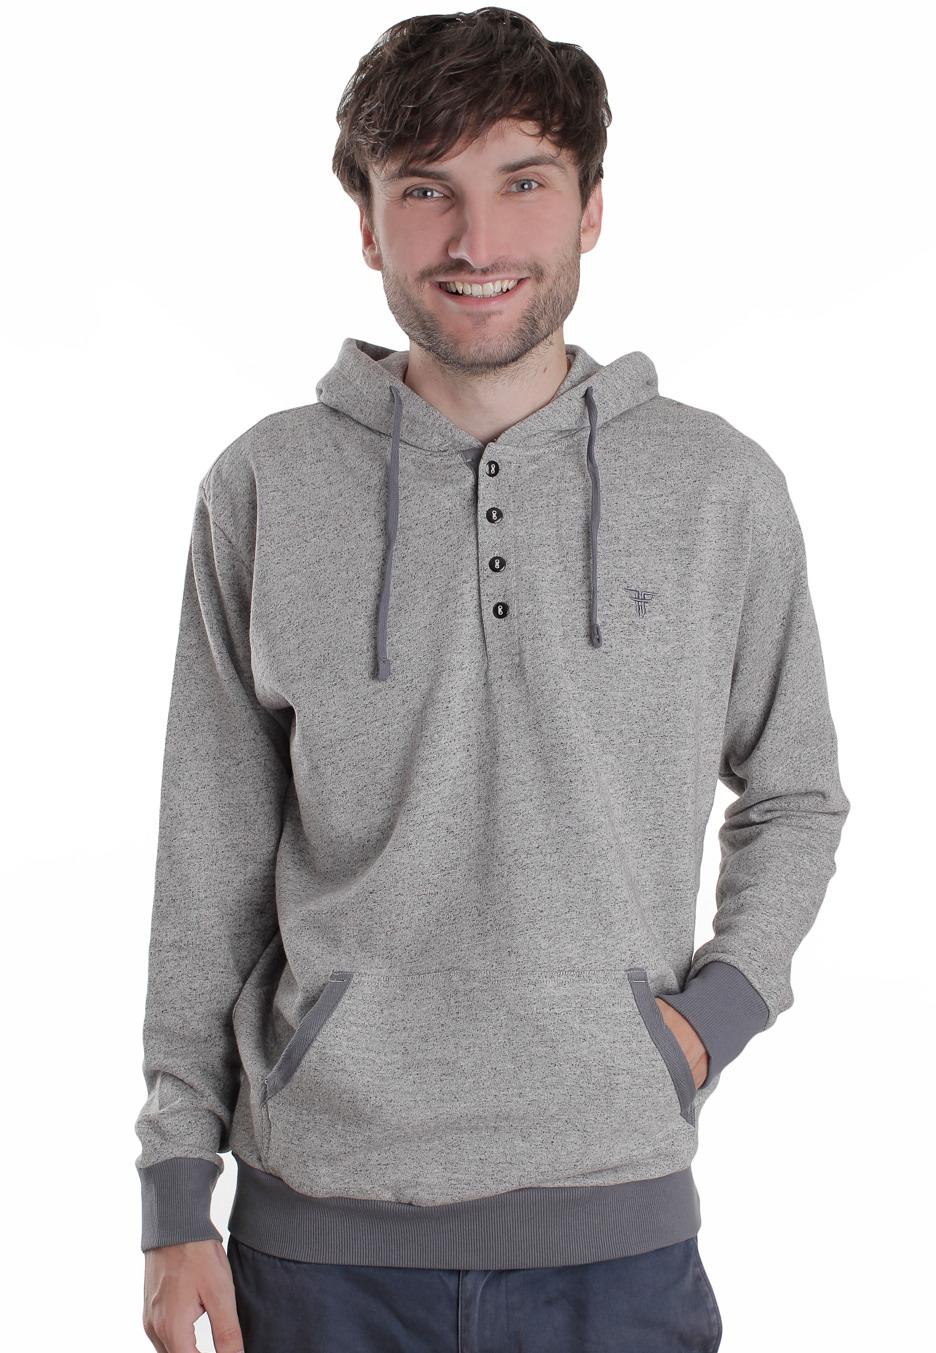 Fallen hoodies